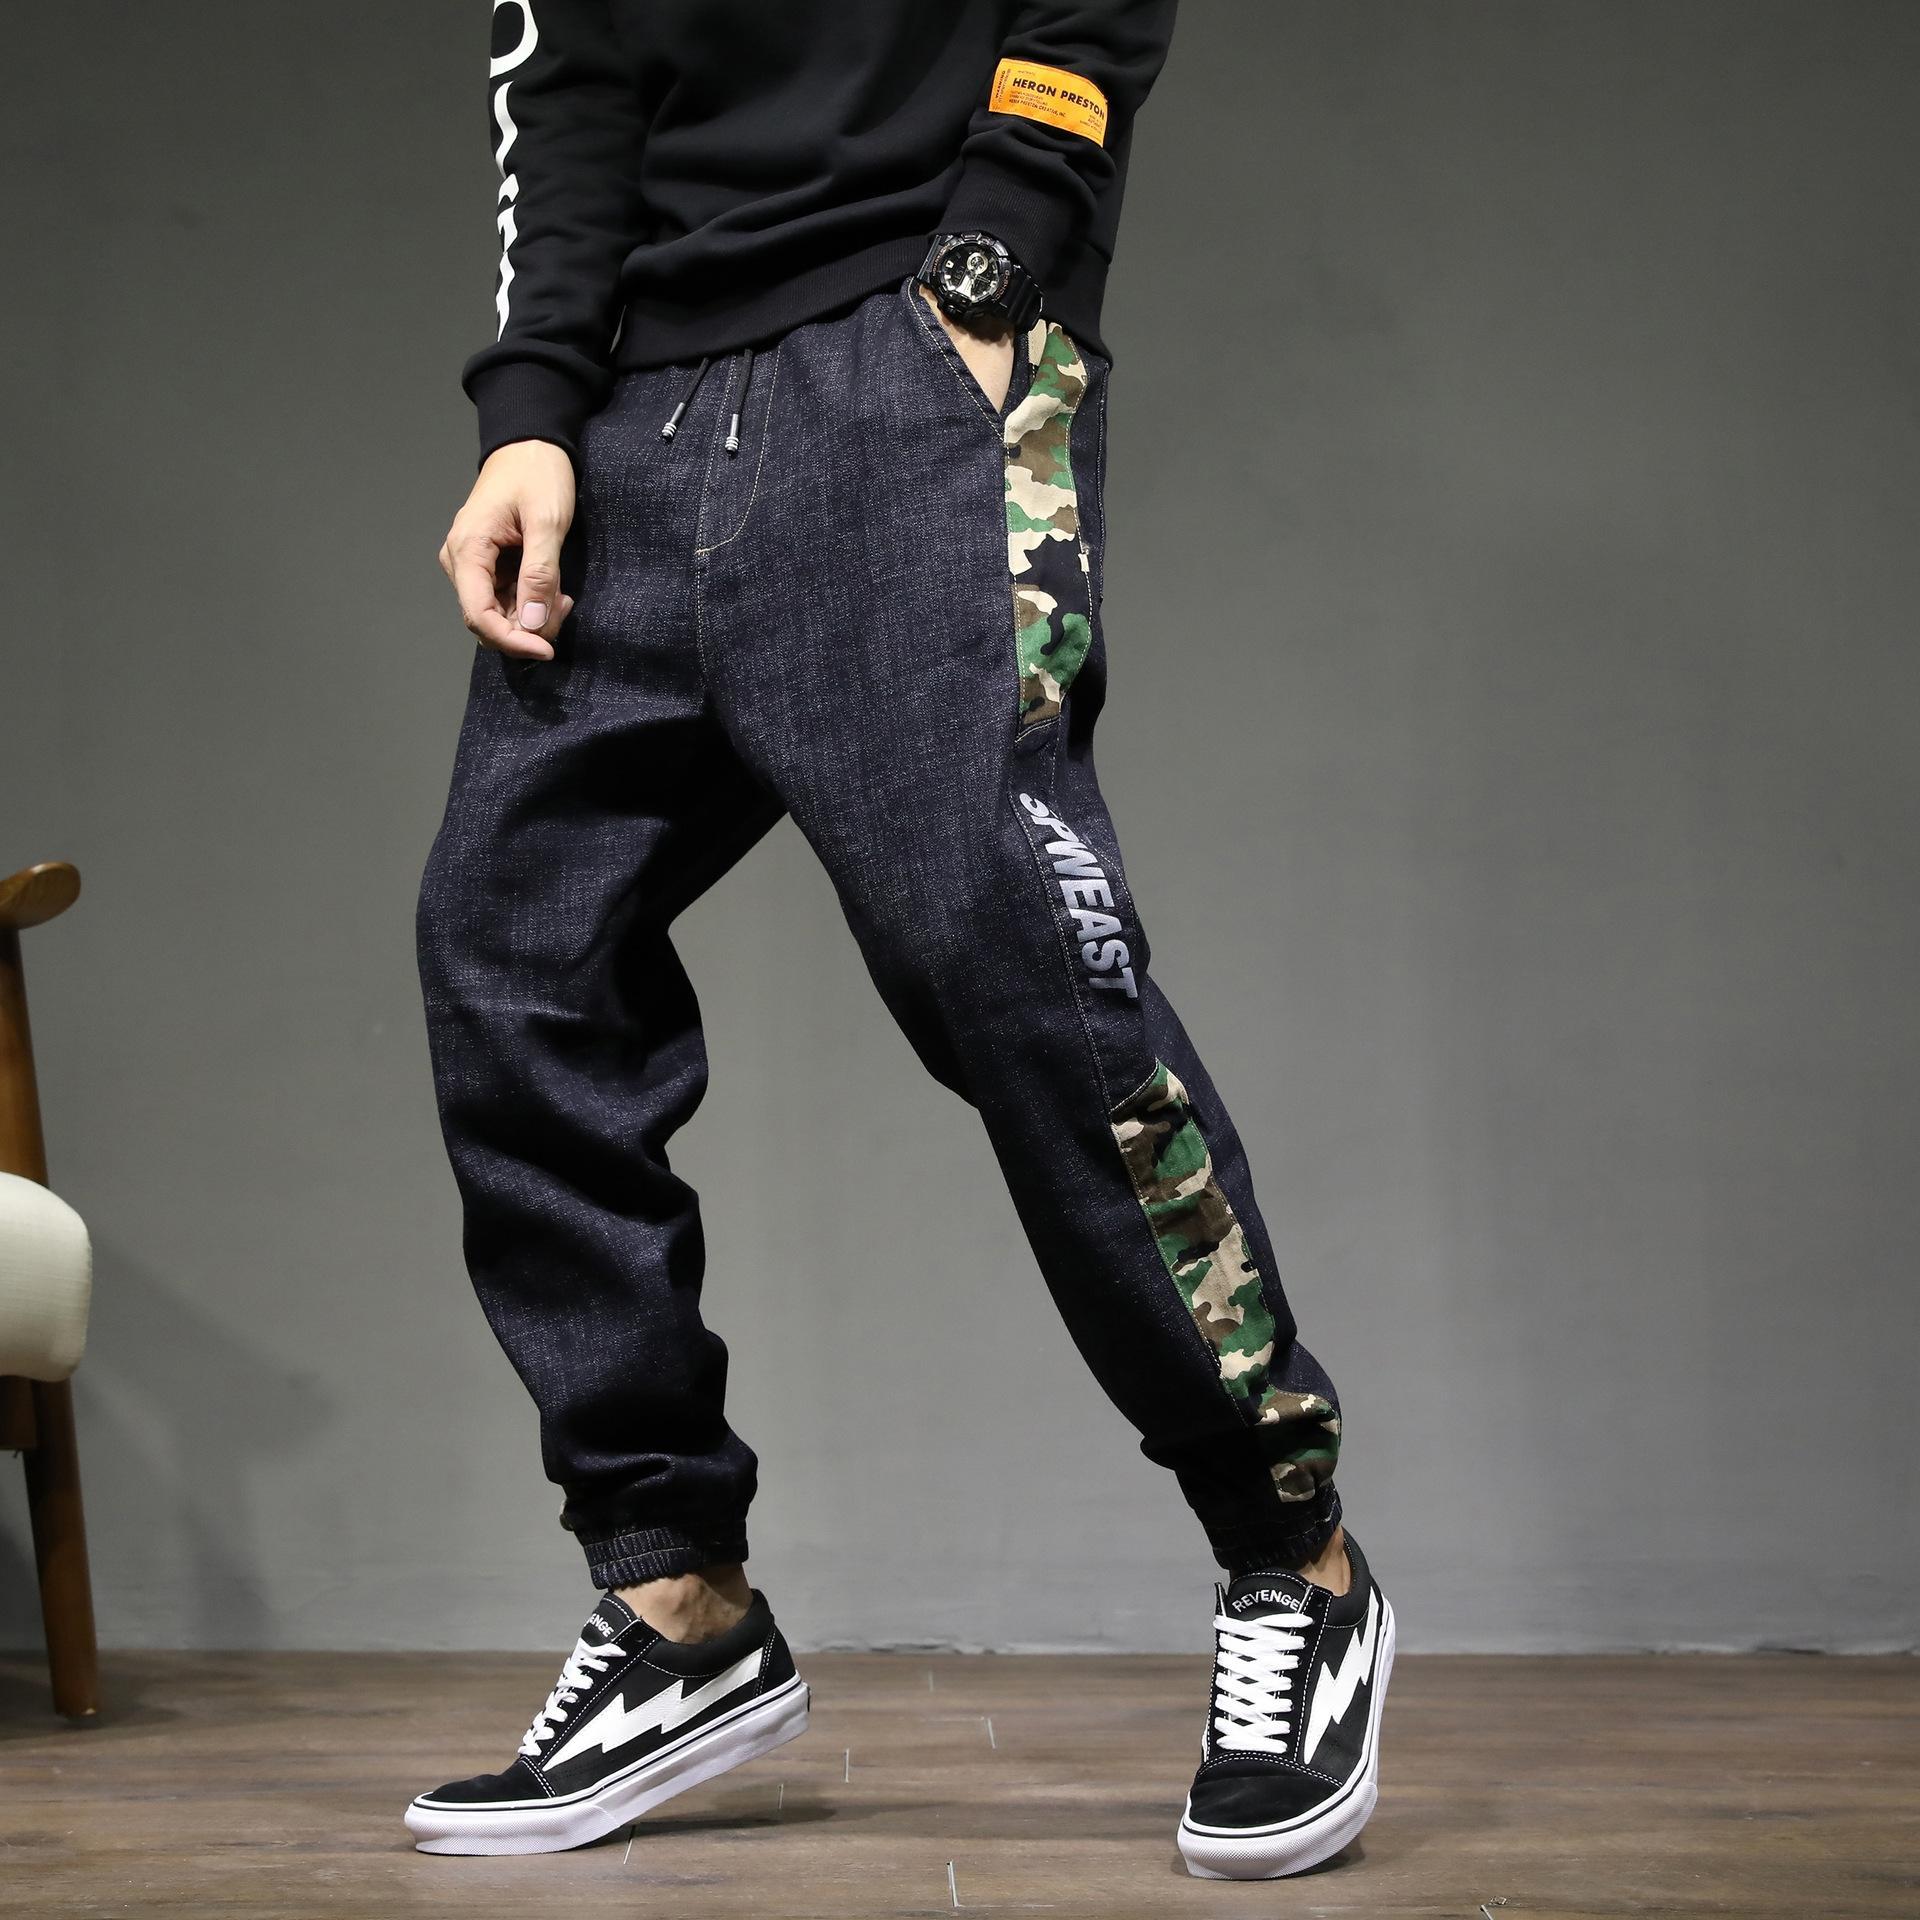 Harlan que cosen los pantalones de mezclilla tobillo nuevos de marca de moda de los hombres del resorte de los hombres pierden de gran tamaño tramo Harlan pantalones de camuflaje costura lW